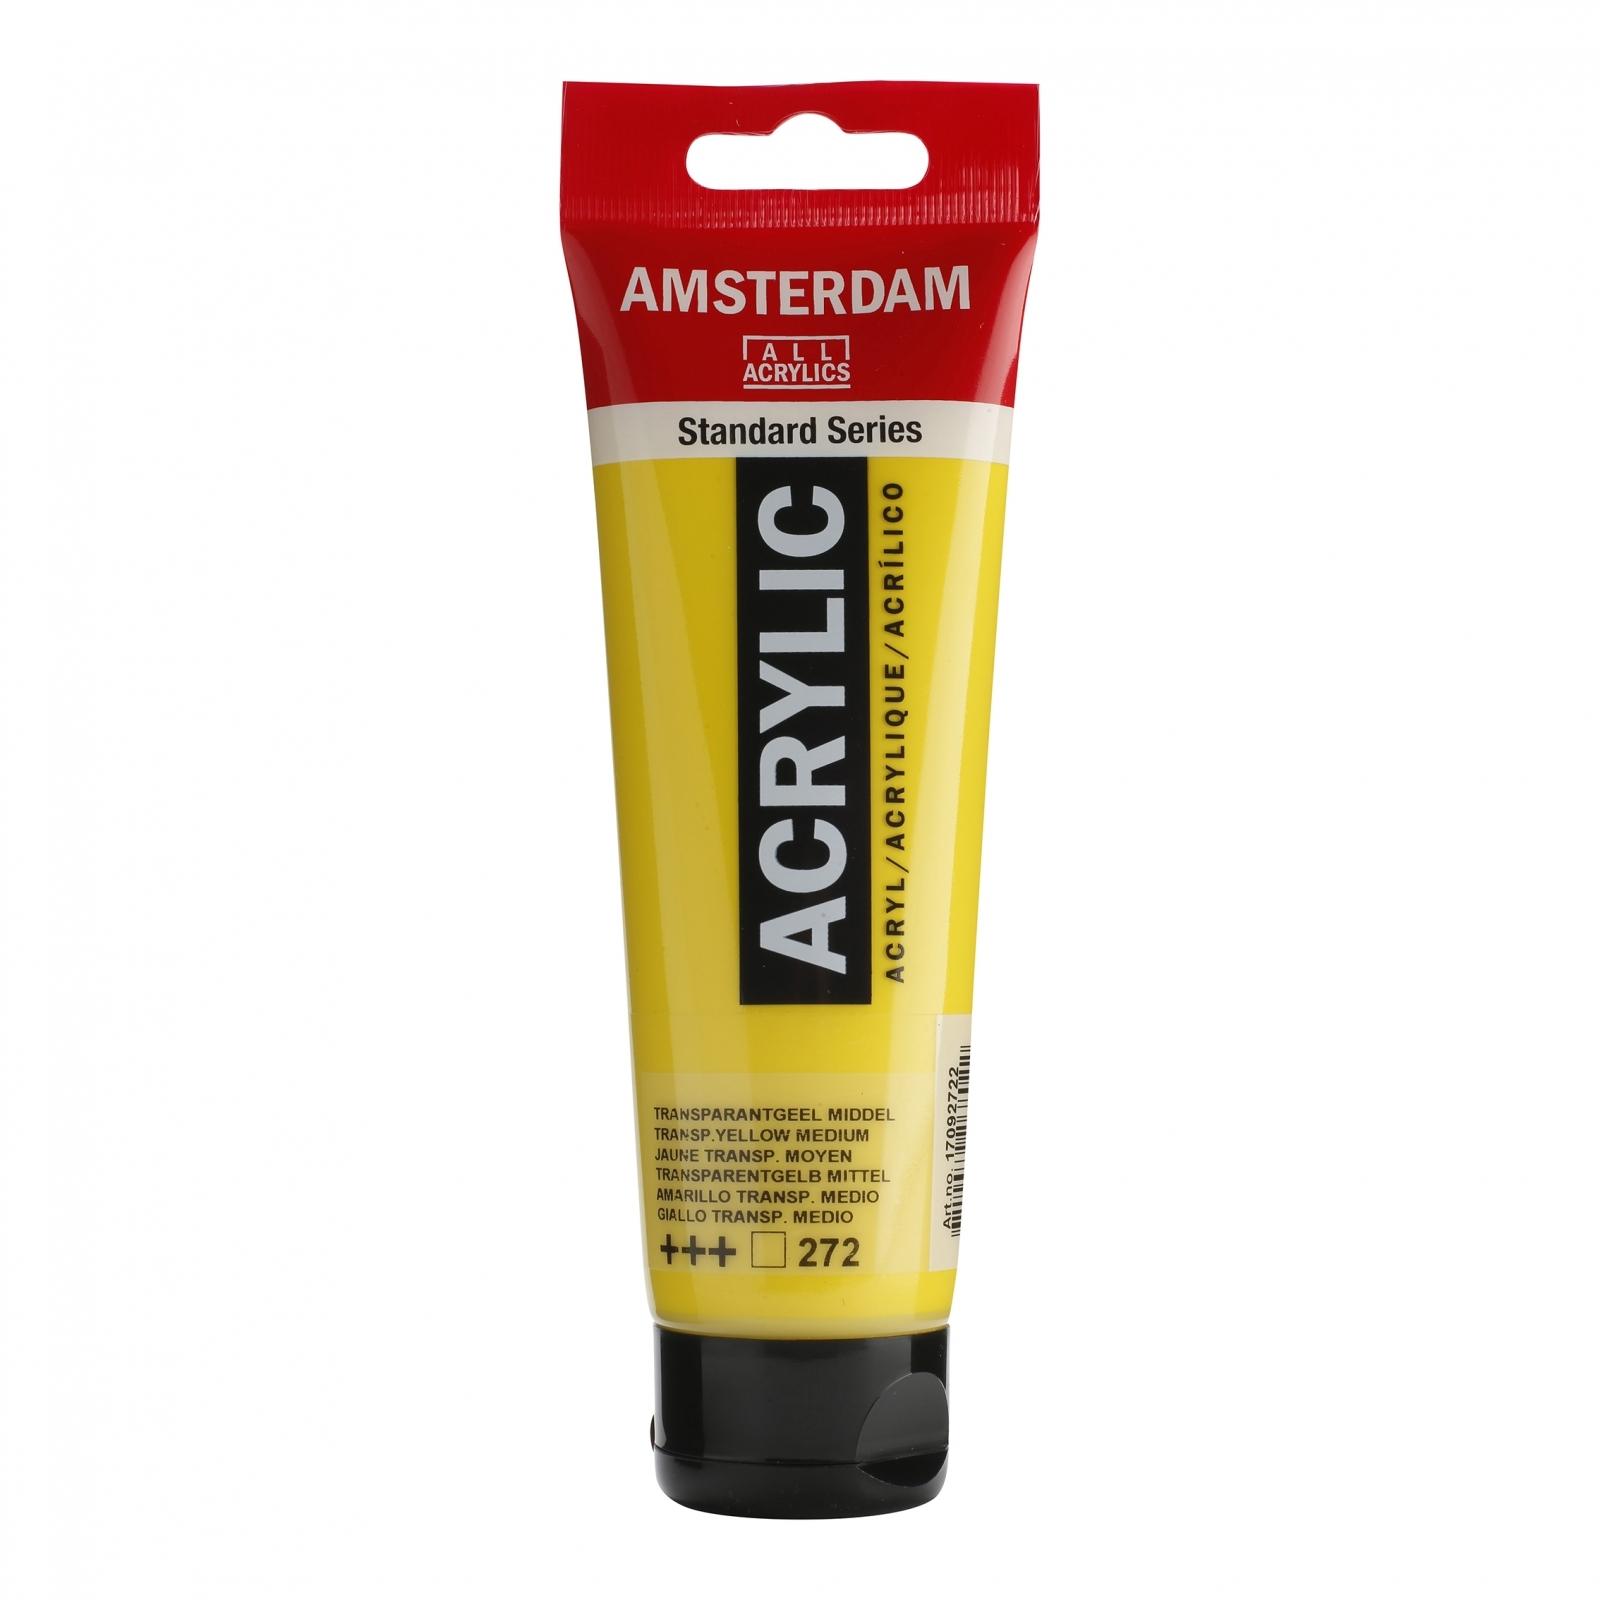 Tinta Acrílica Amsterdam Amarelo Transparente Médio 120ml (+++272) - Papelaria Botafogo